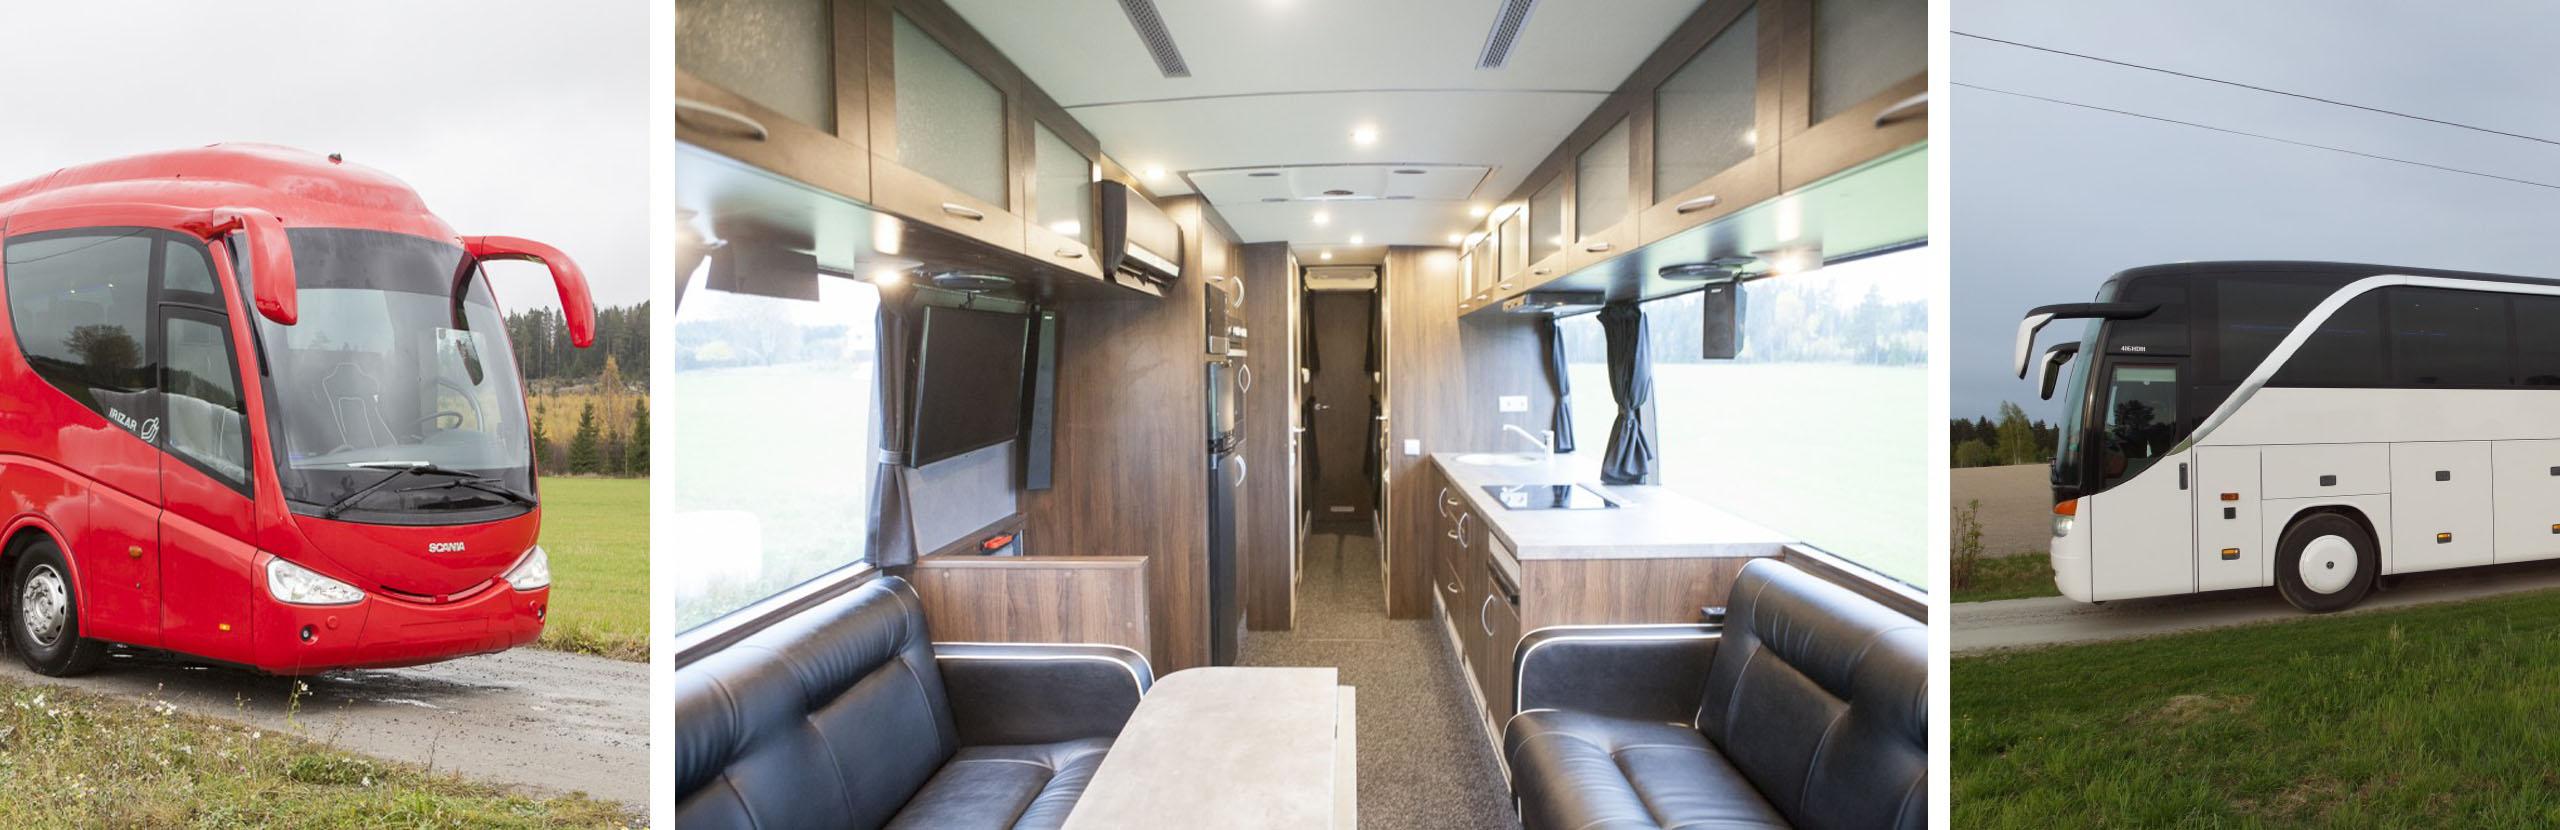 Leie campingbuss